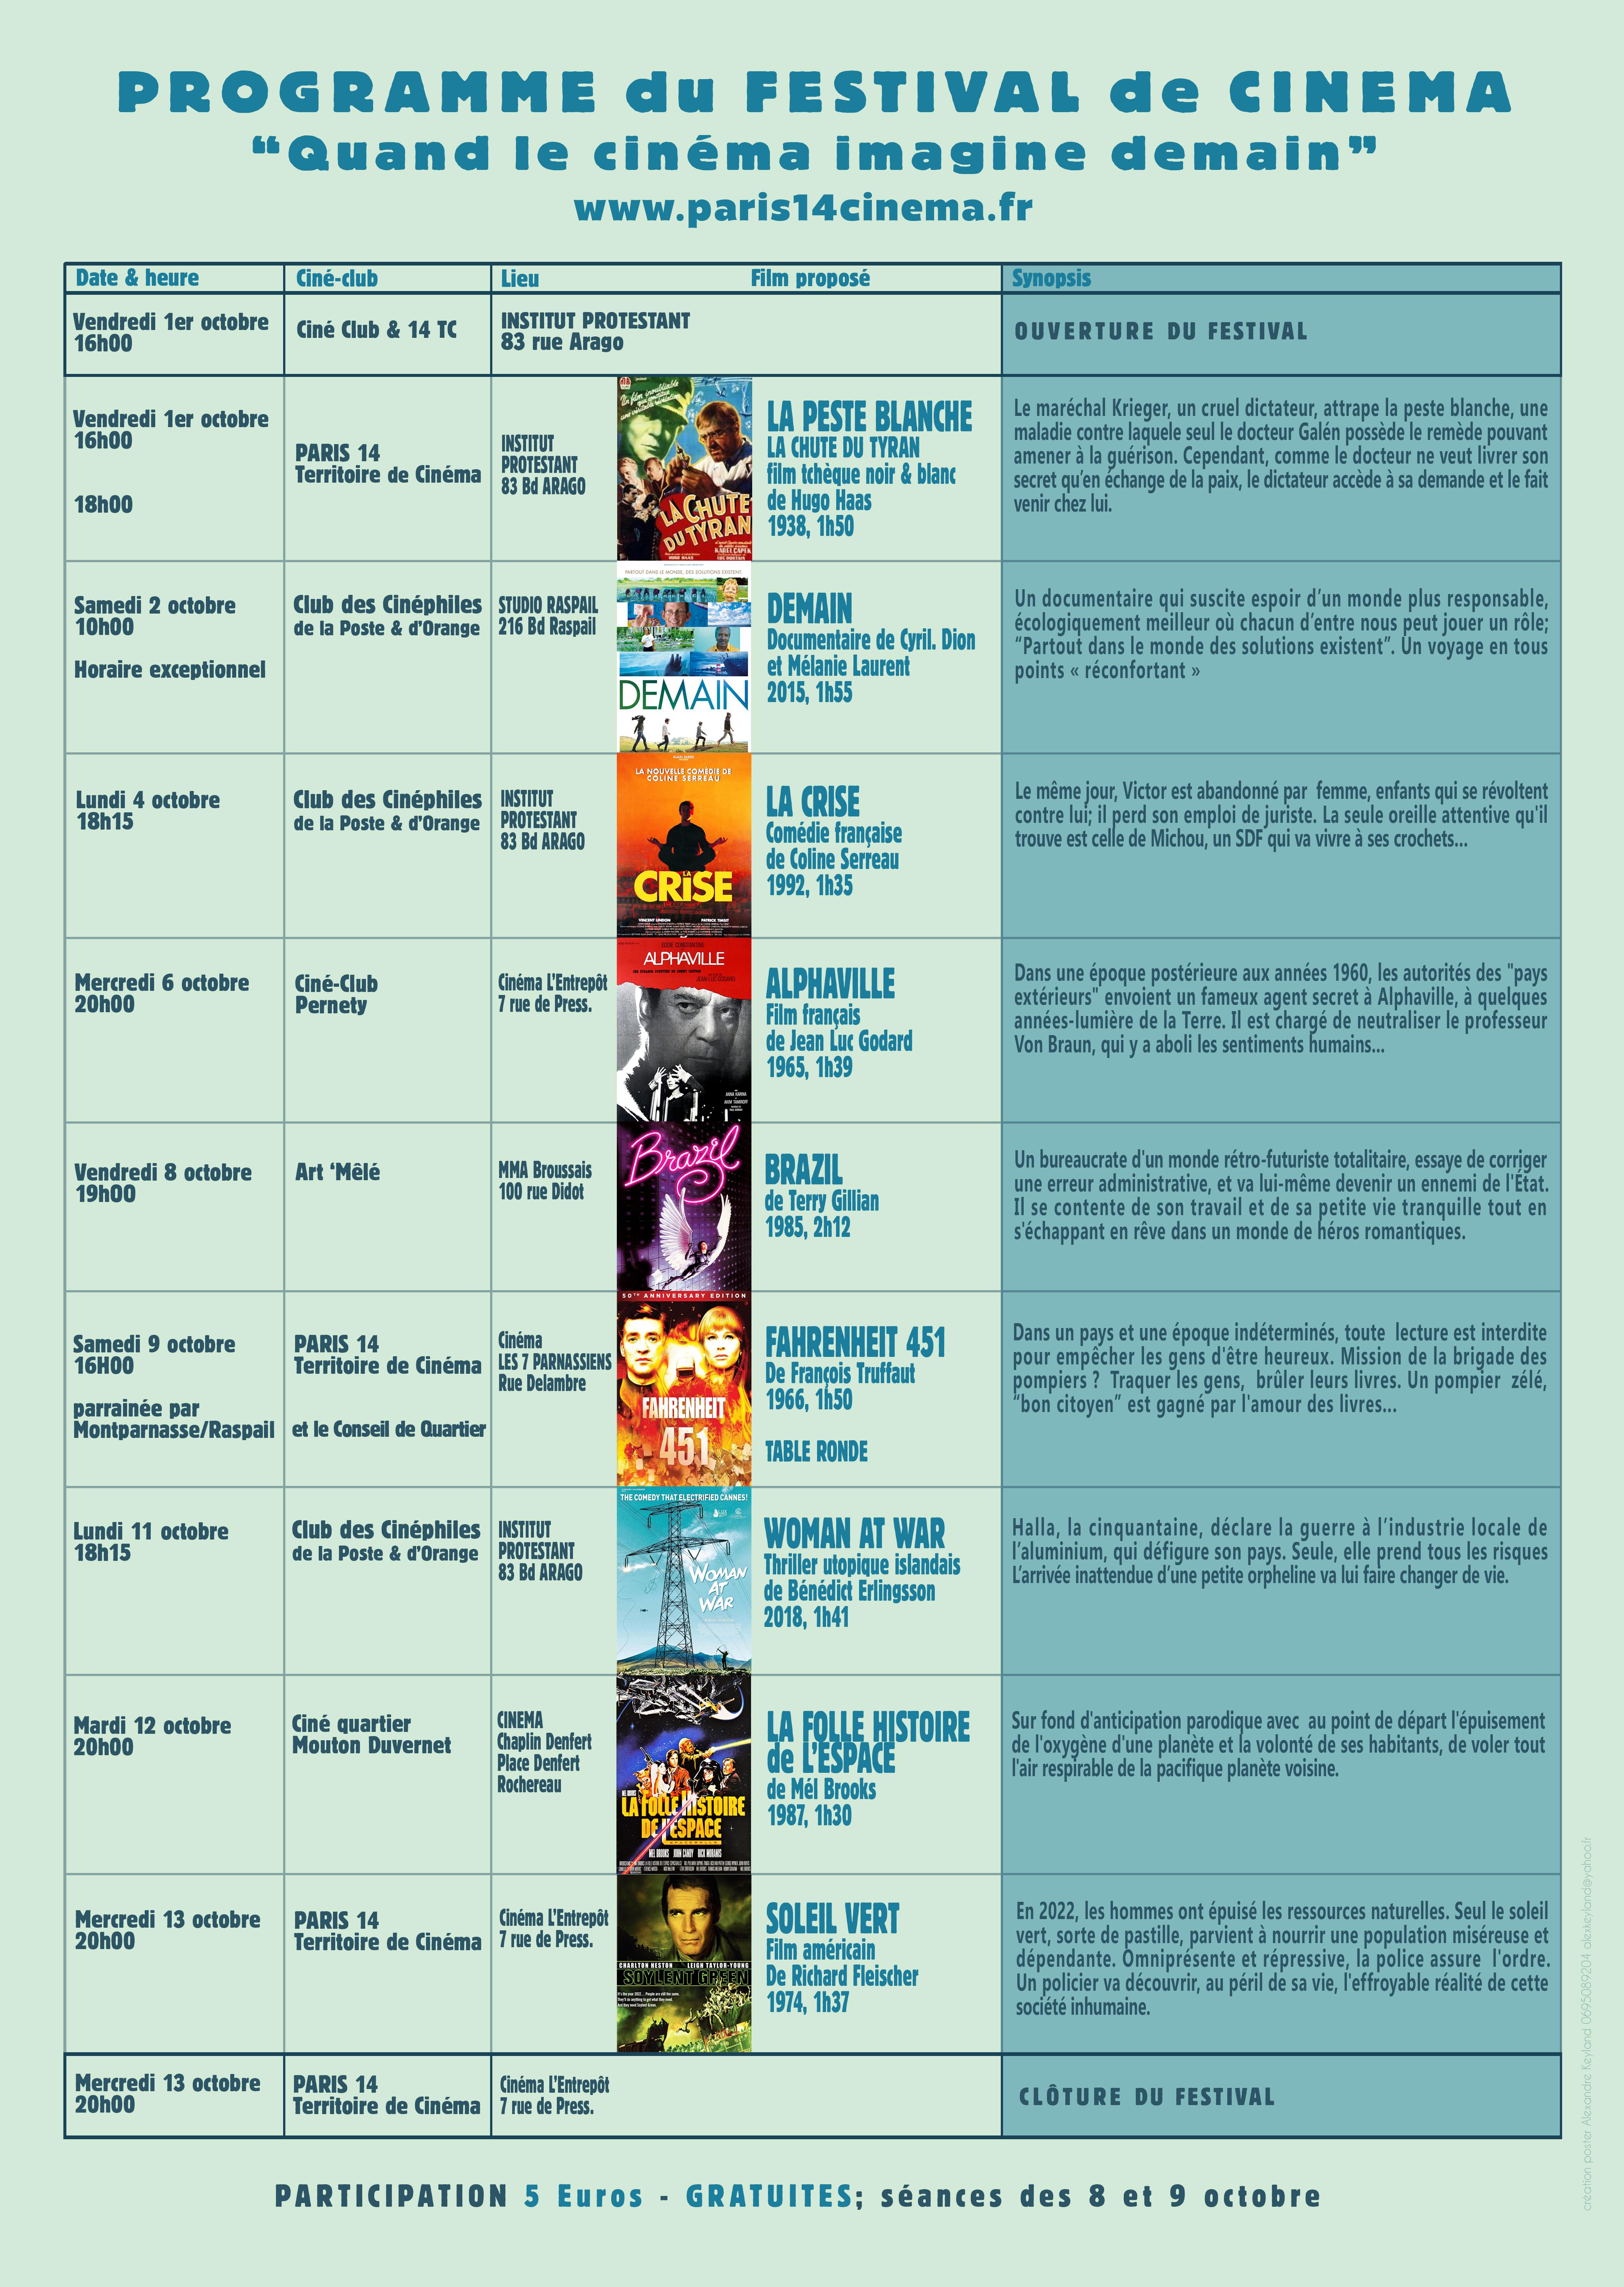 Programme du festival Quand le cinéma imagine demain